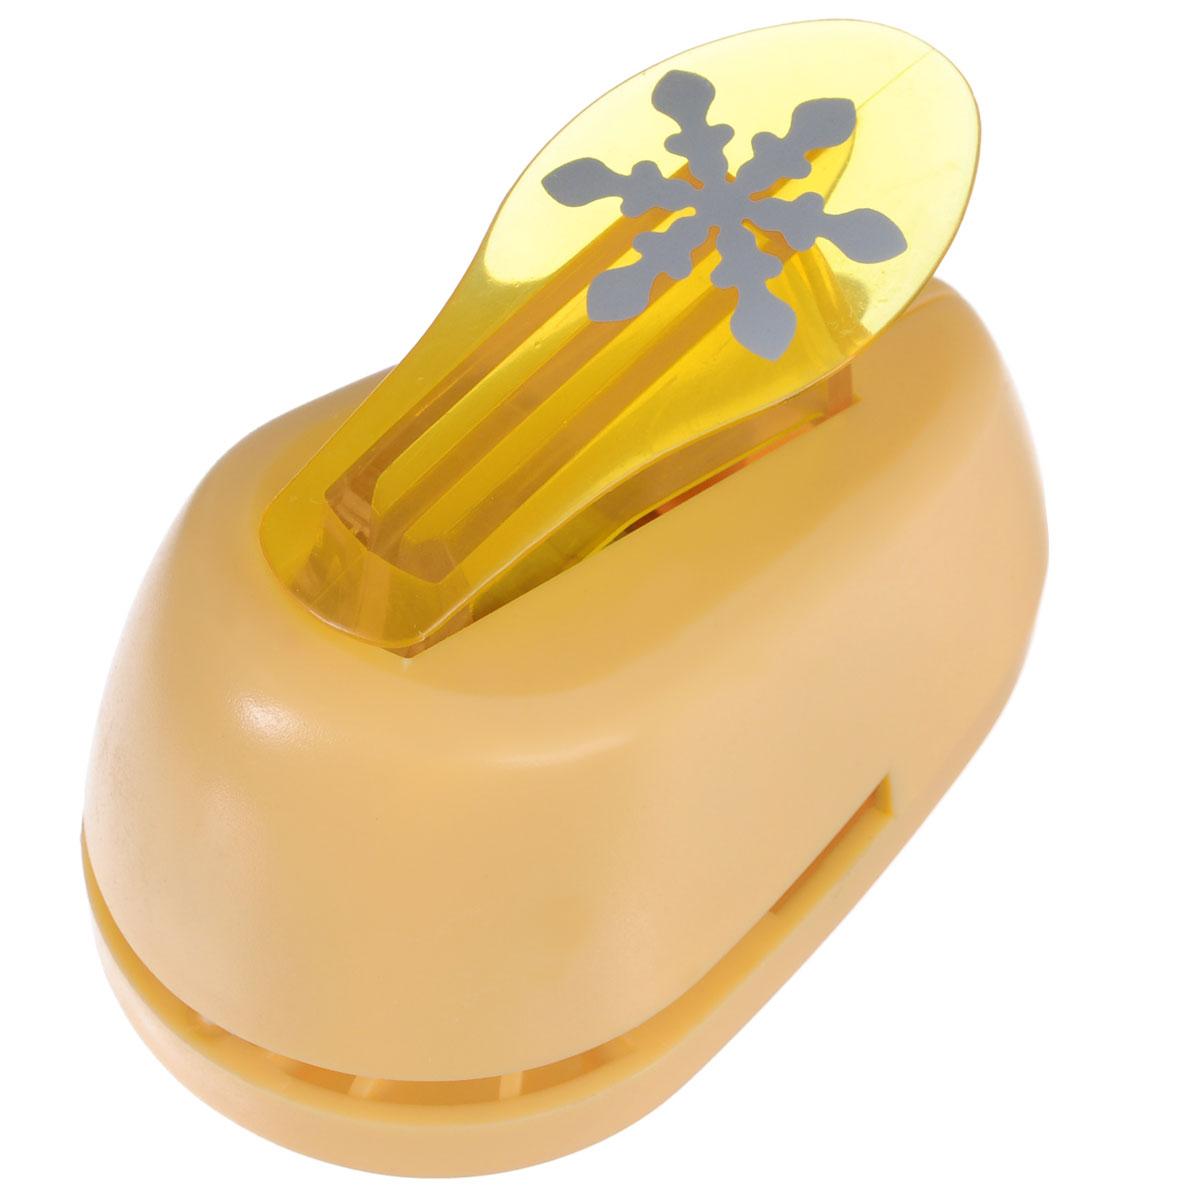 Дырокол фигурный Hobbyboom Снежинка, цвет: желтый, №203, 2,5 смFS-00102Дырокол фигурный Hobbyboom Снежинка, выполненный из прочного пластика и металла, используется в скрапбукинге для украшения открыток, карточек, коробочек и прочего.Применяется для прорезания фигурных отверстий в бумаге в форме снежинки. Вырезанный элемент также можно использовать для украшения.Предназначен для бумаги плотностью от 80 до 200 г/м2. При применении на бумаге большей плотности или на картоне, дырокол быстро затупится. Чтобы заточить нож компостера, нужно прокомпостировать самую тонкую наждачку. Диаметр готовой фигурки: 2,5 см.